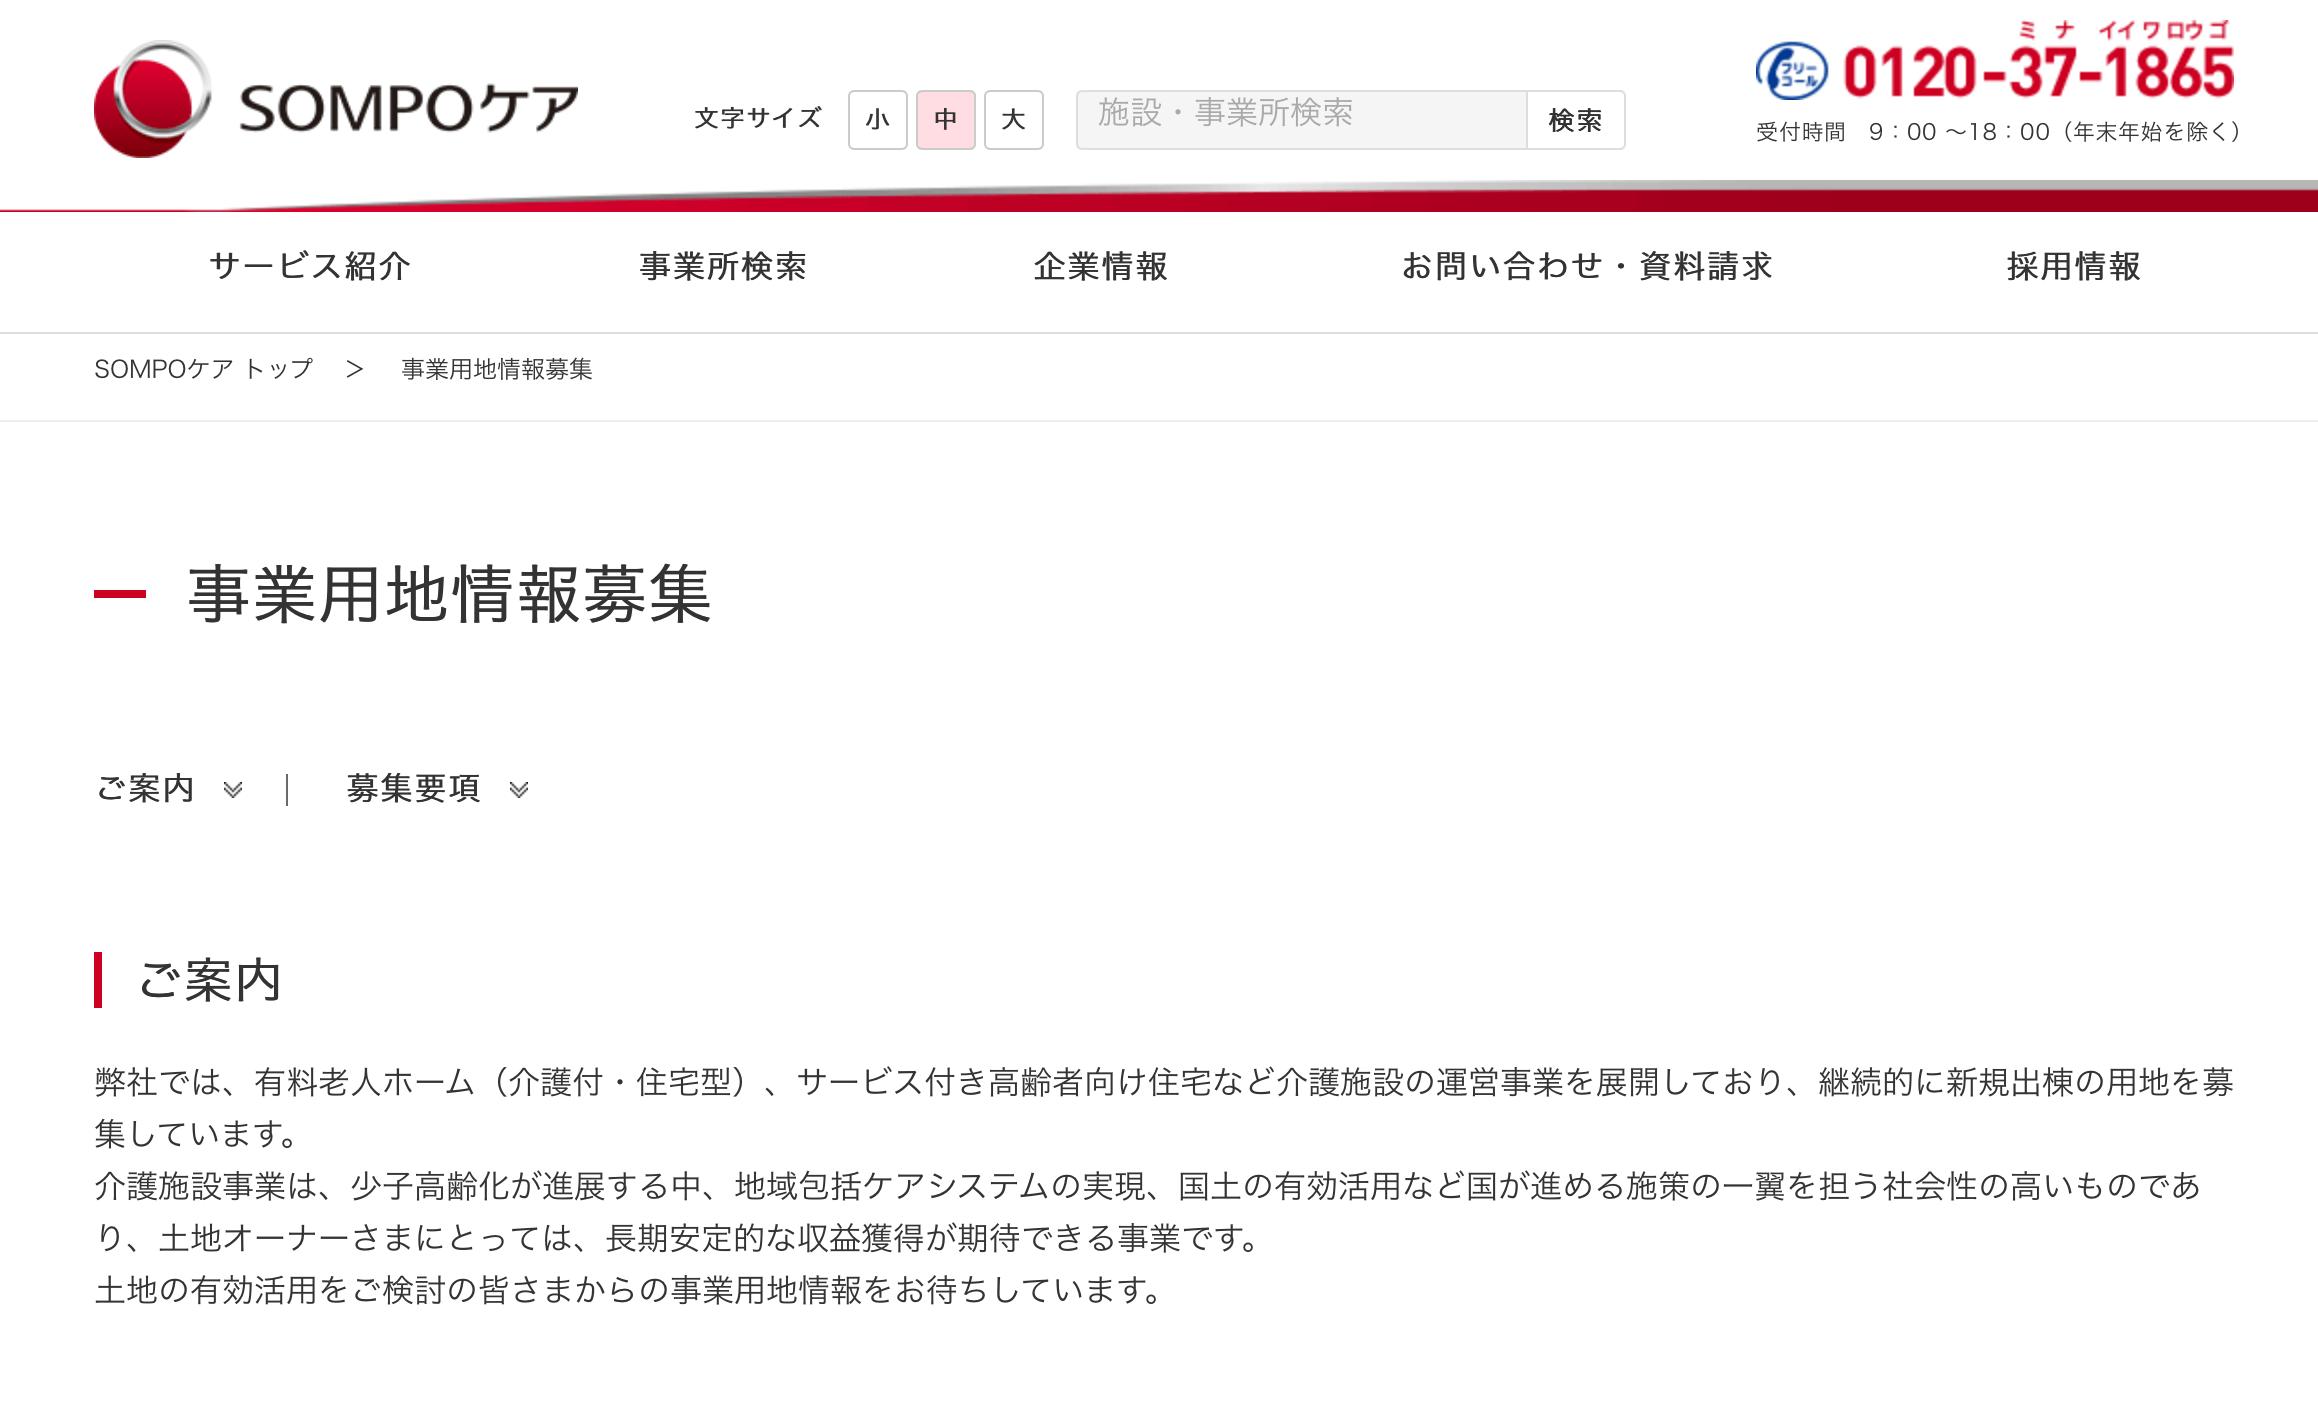 SOMPOケア株式会社の公式ページ